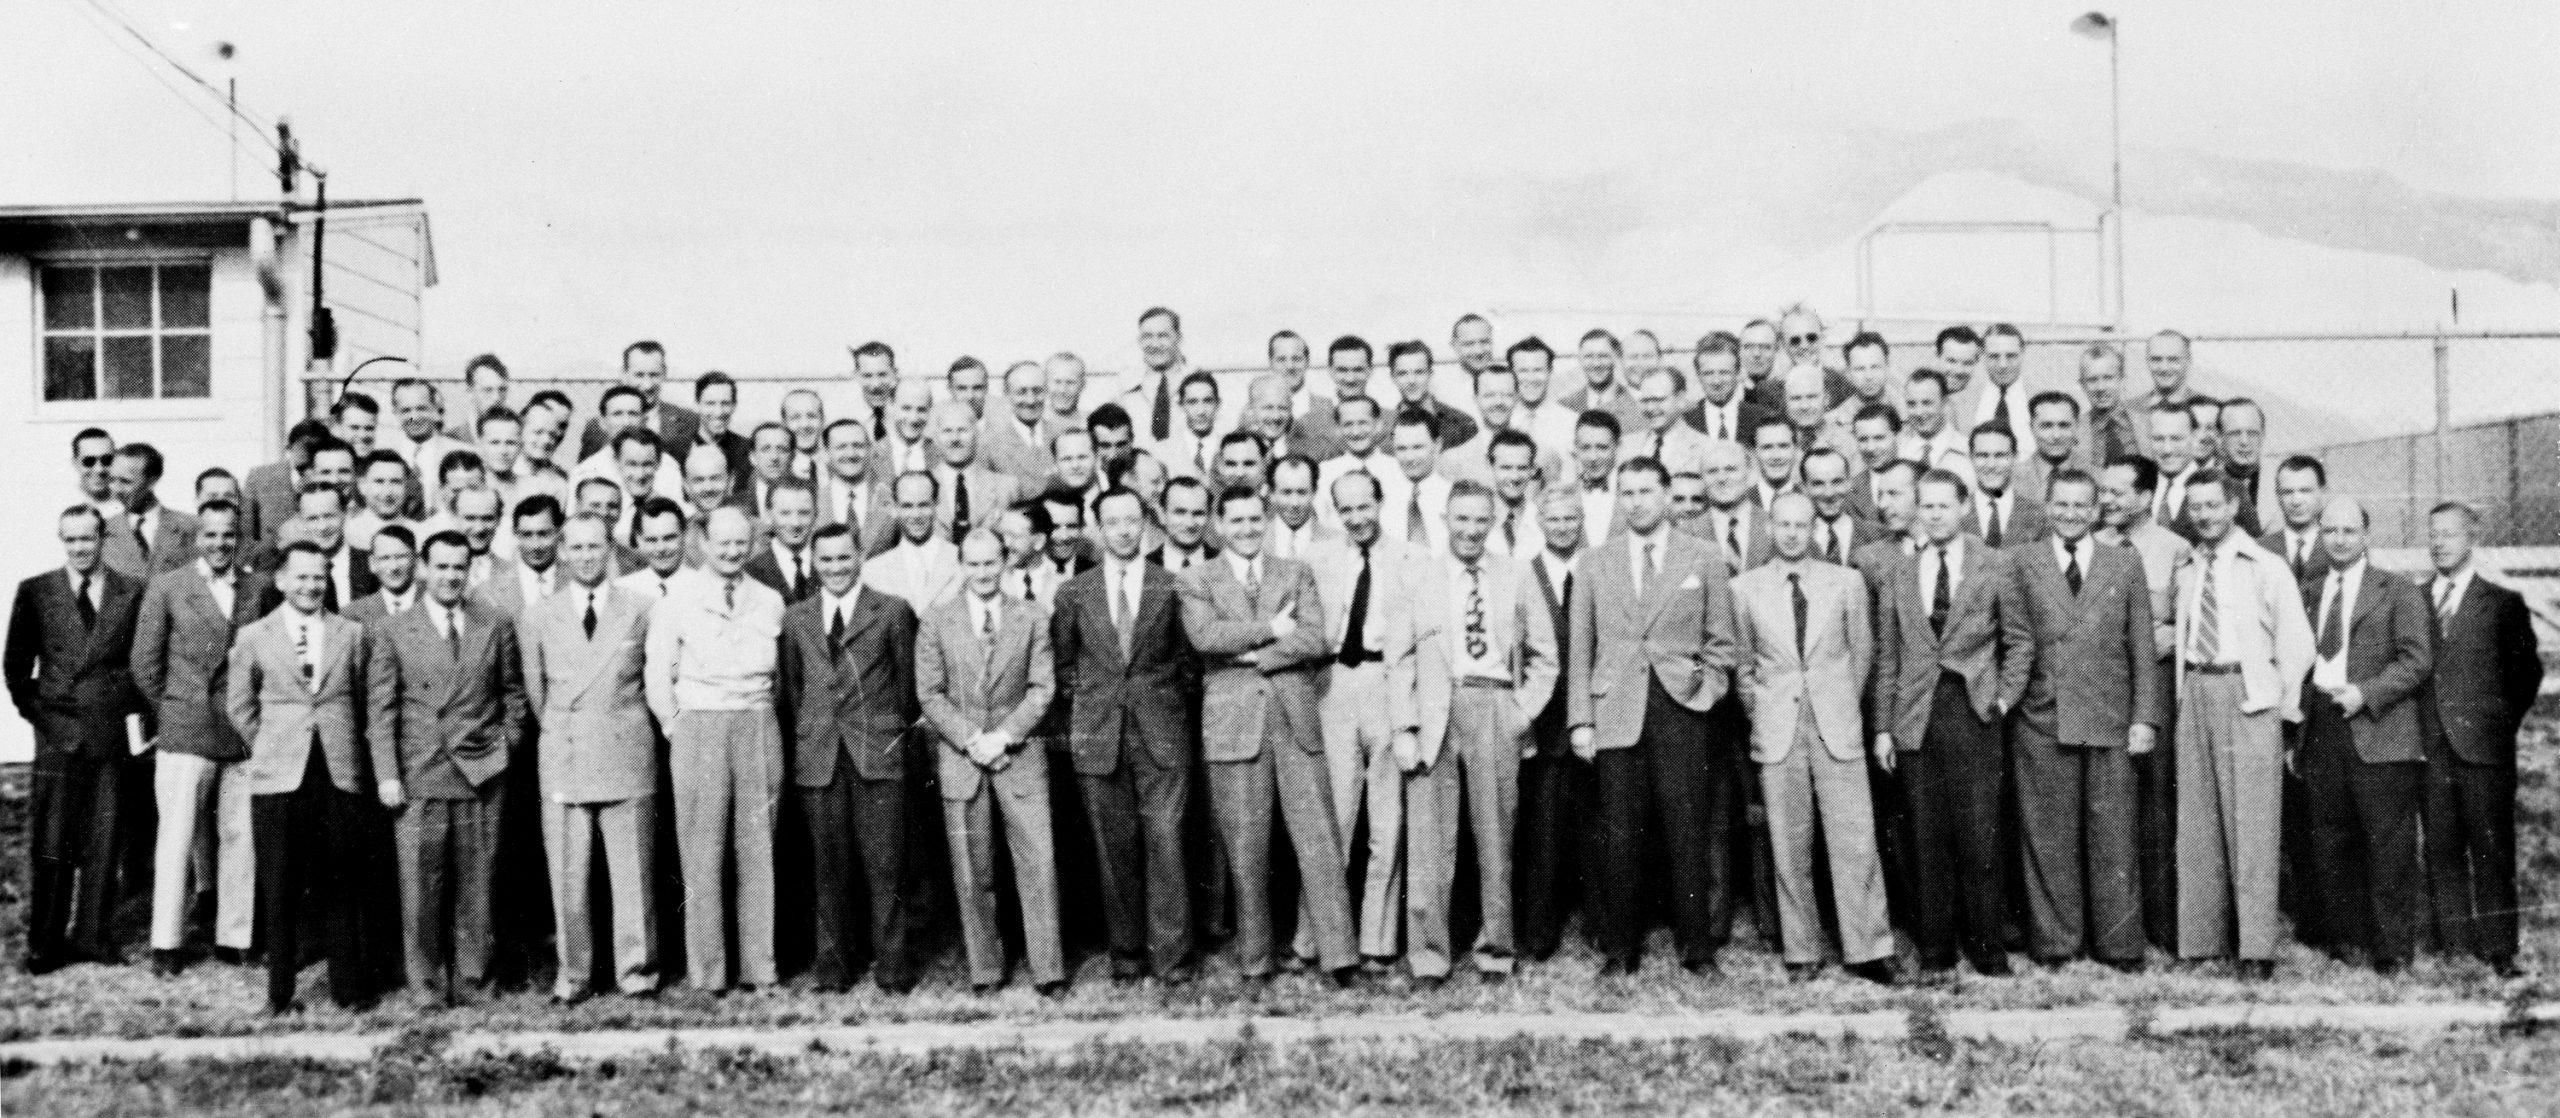 La Operación Paperclip tuvo sus orígenes cuando la Segunda Guerra Mundial aún estaba en marcha y fue el nombre en clave de un programa militar ultrasecreto ideado por los servicios de inteligencia estadounidenses para extraditar científicos nazis a Estados Unidos.